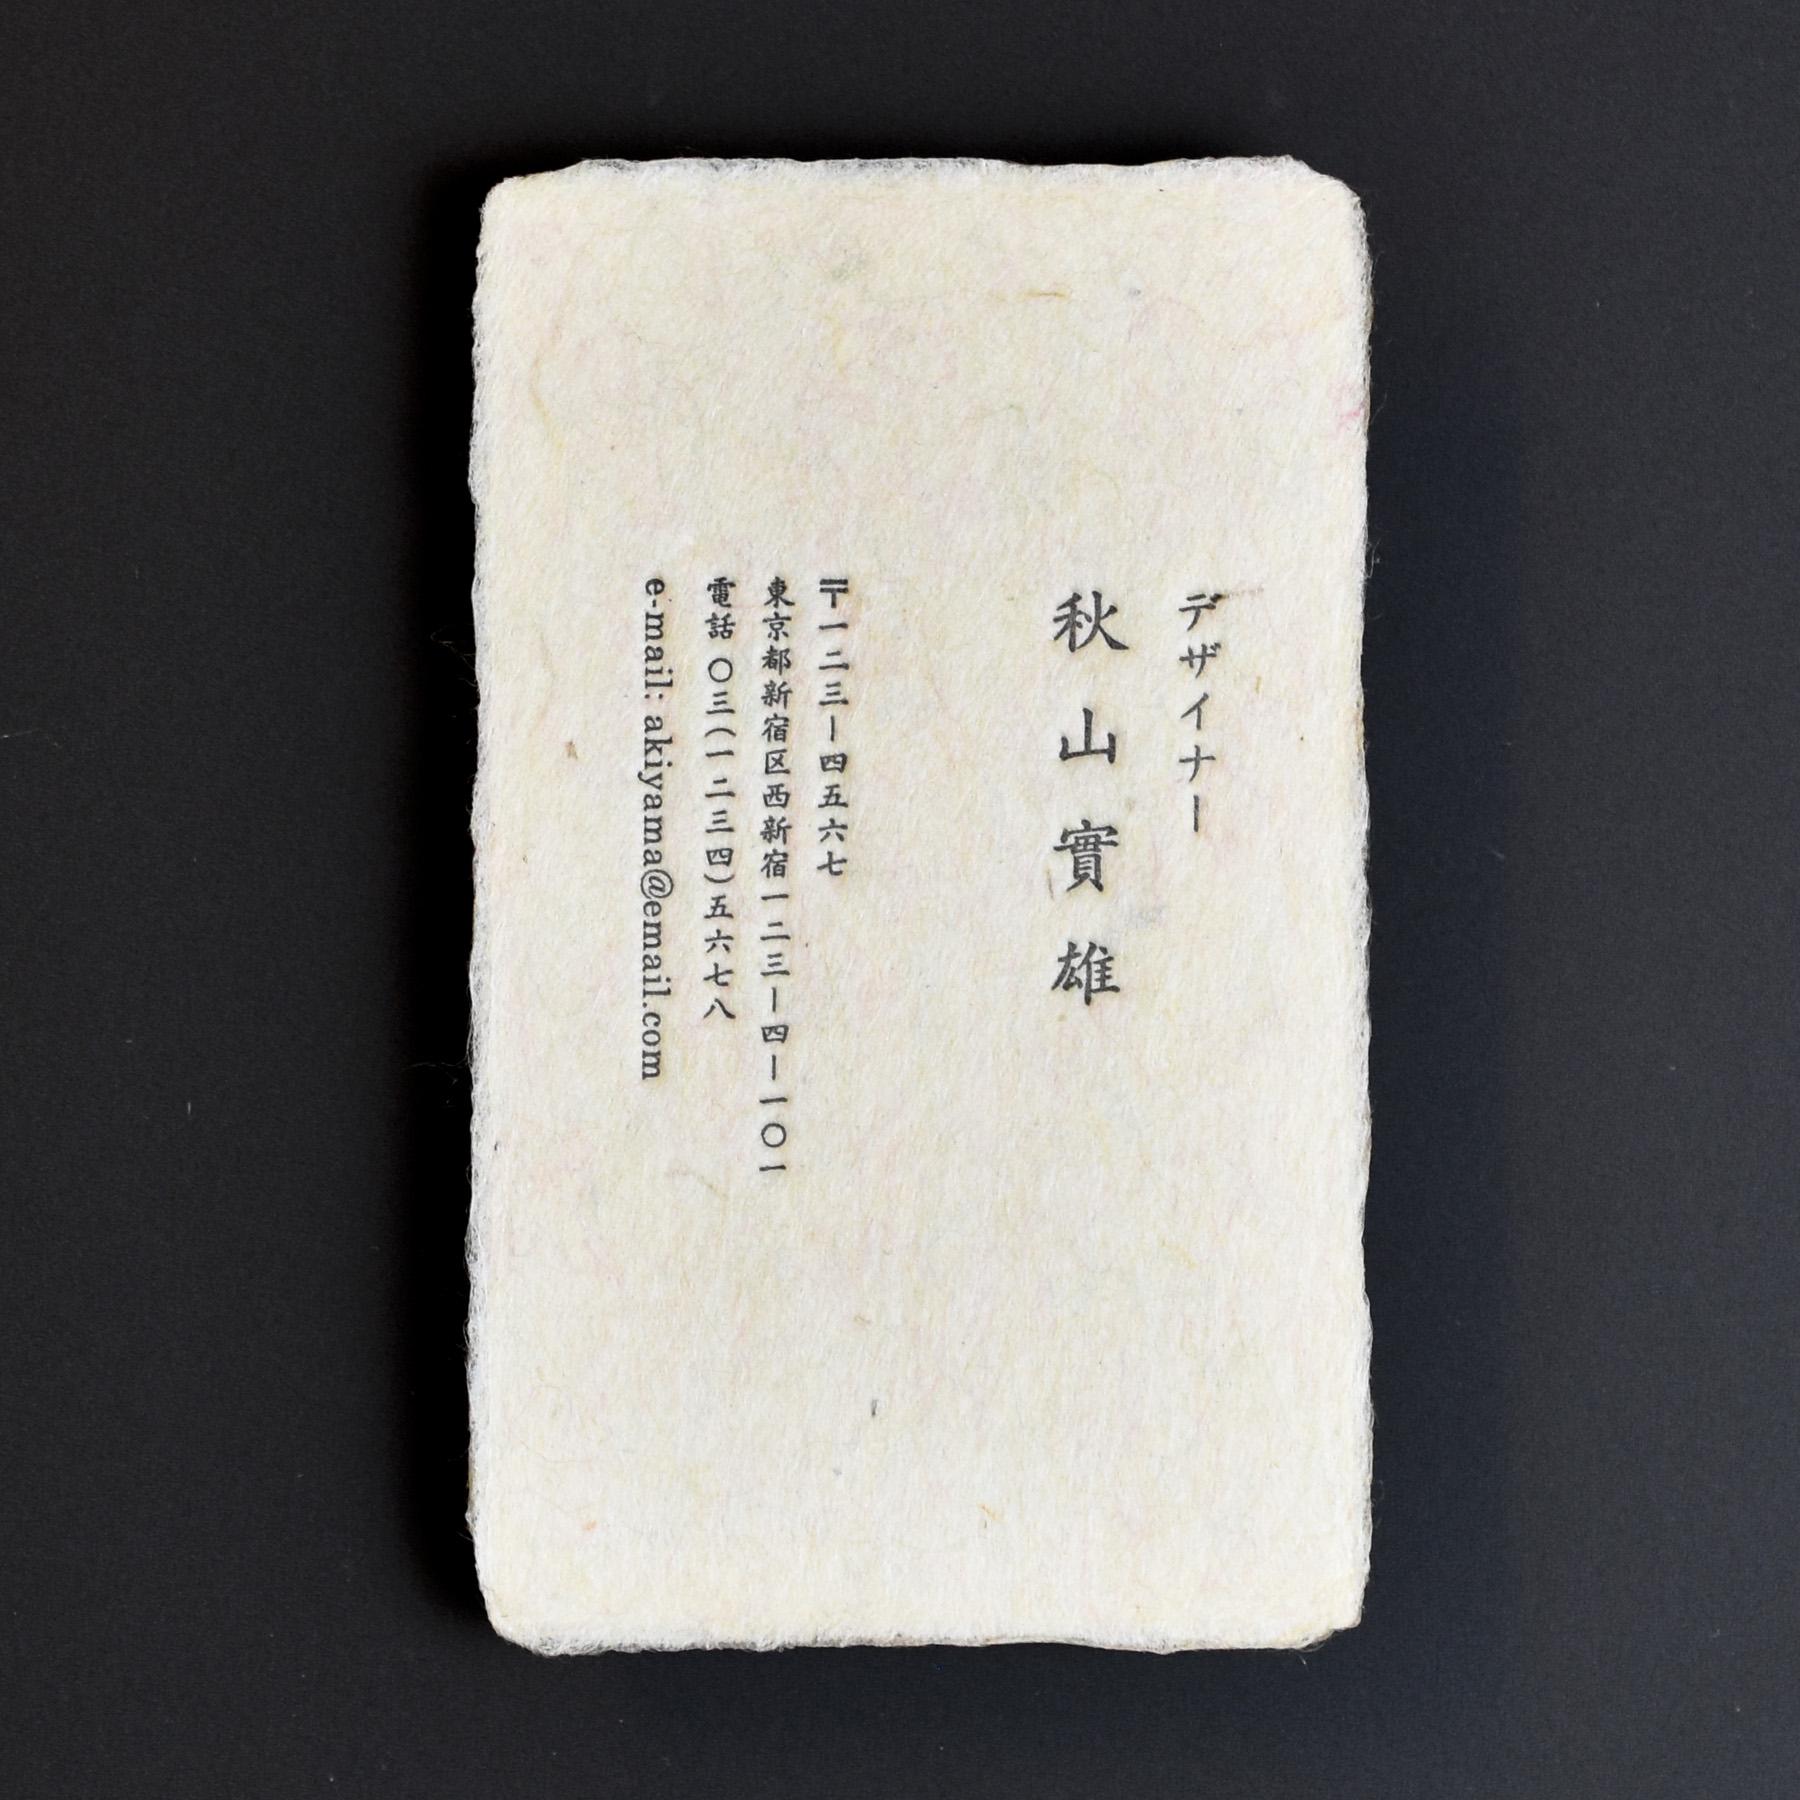 小原和紙の活版印刷名刺1